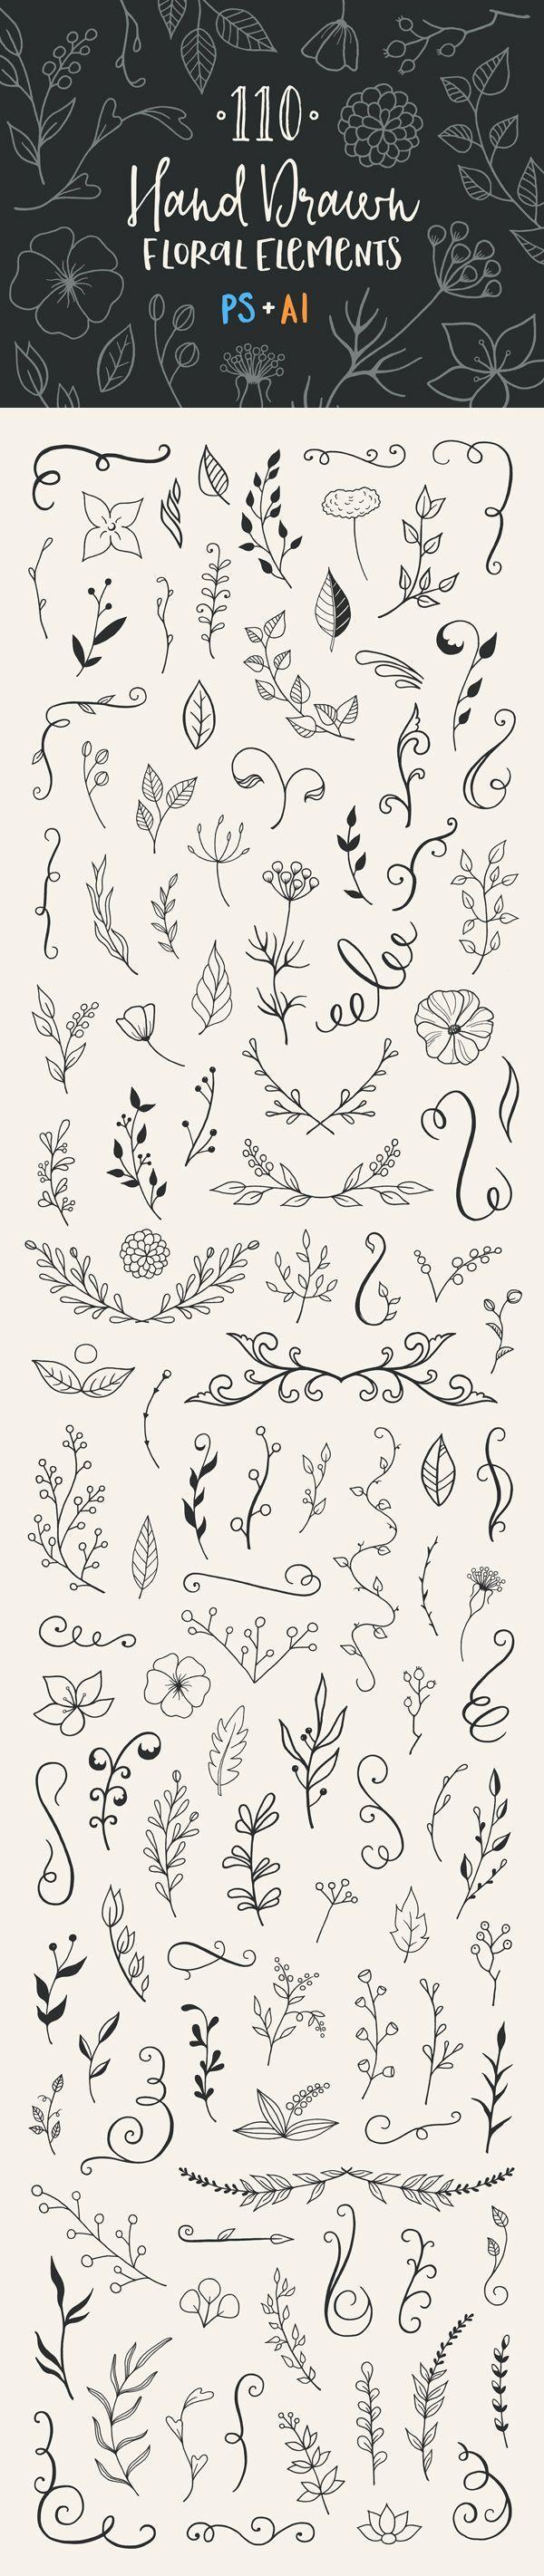 Werbegeschenk-Zusammenfassung! – Kostenlose hübsche Dinge für Sie #tattoos